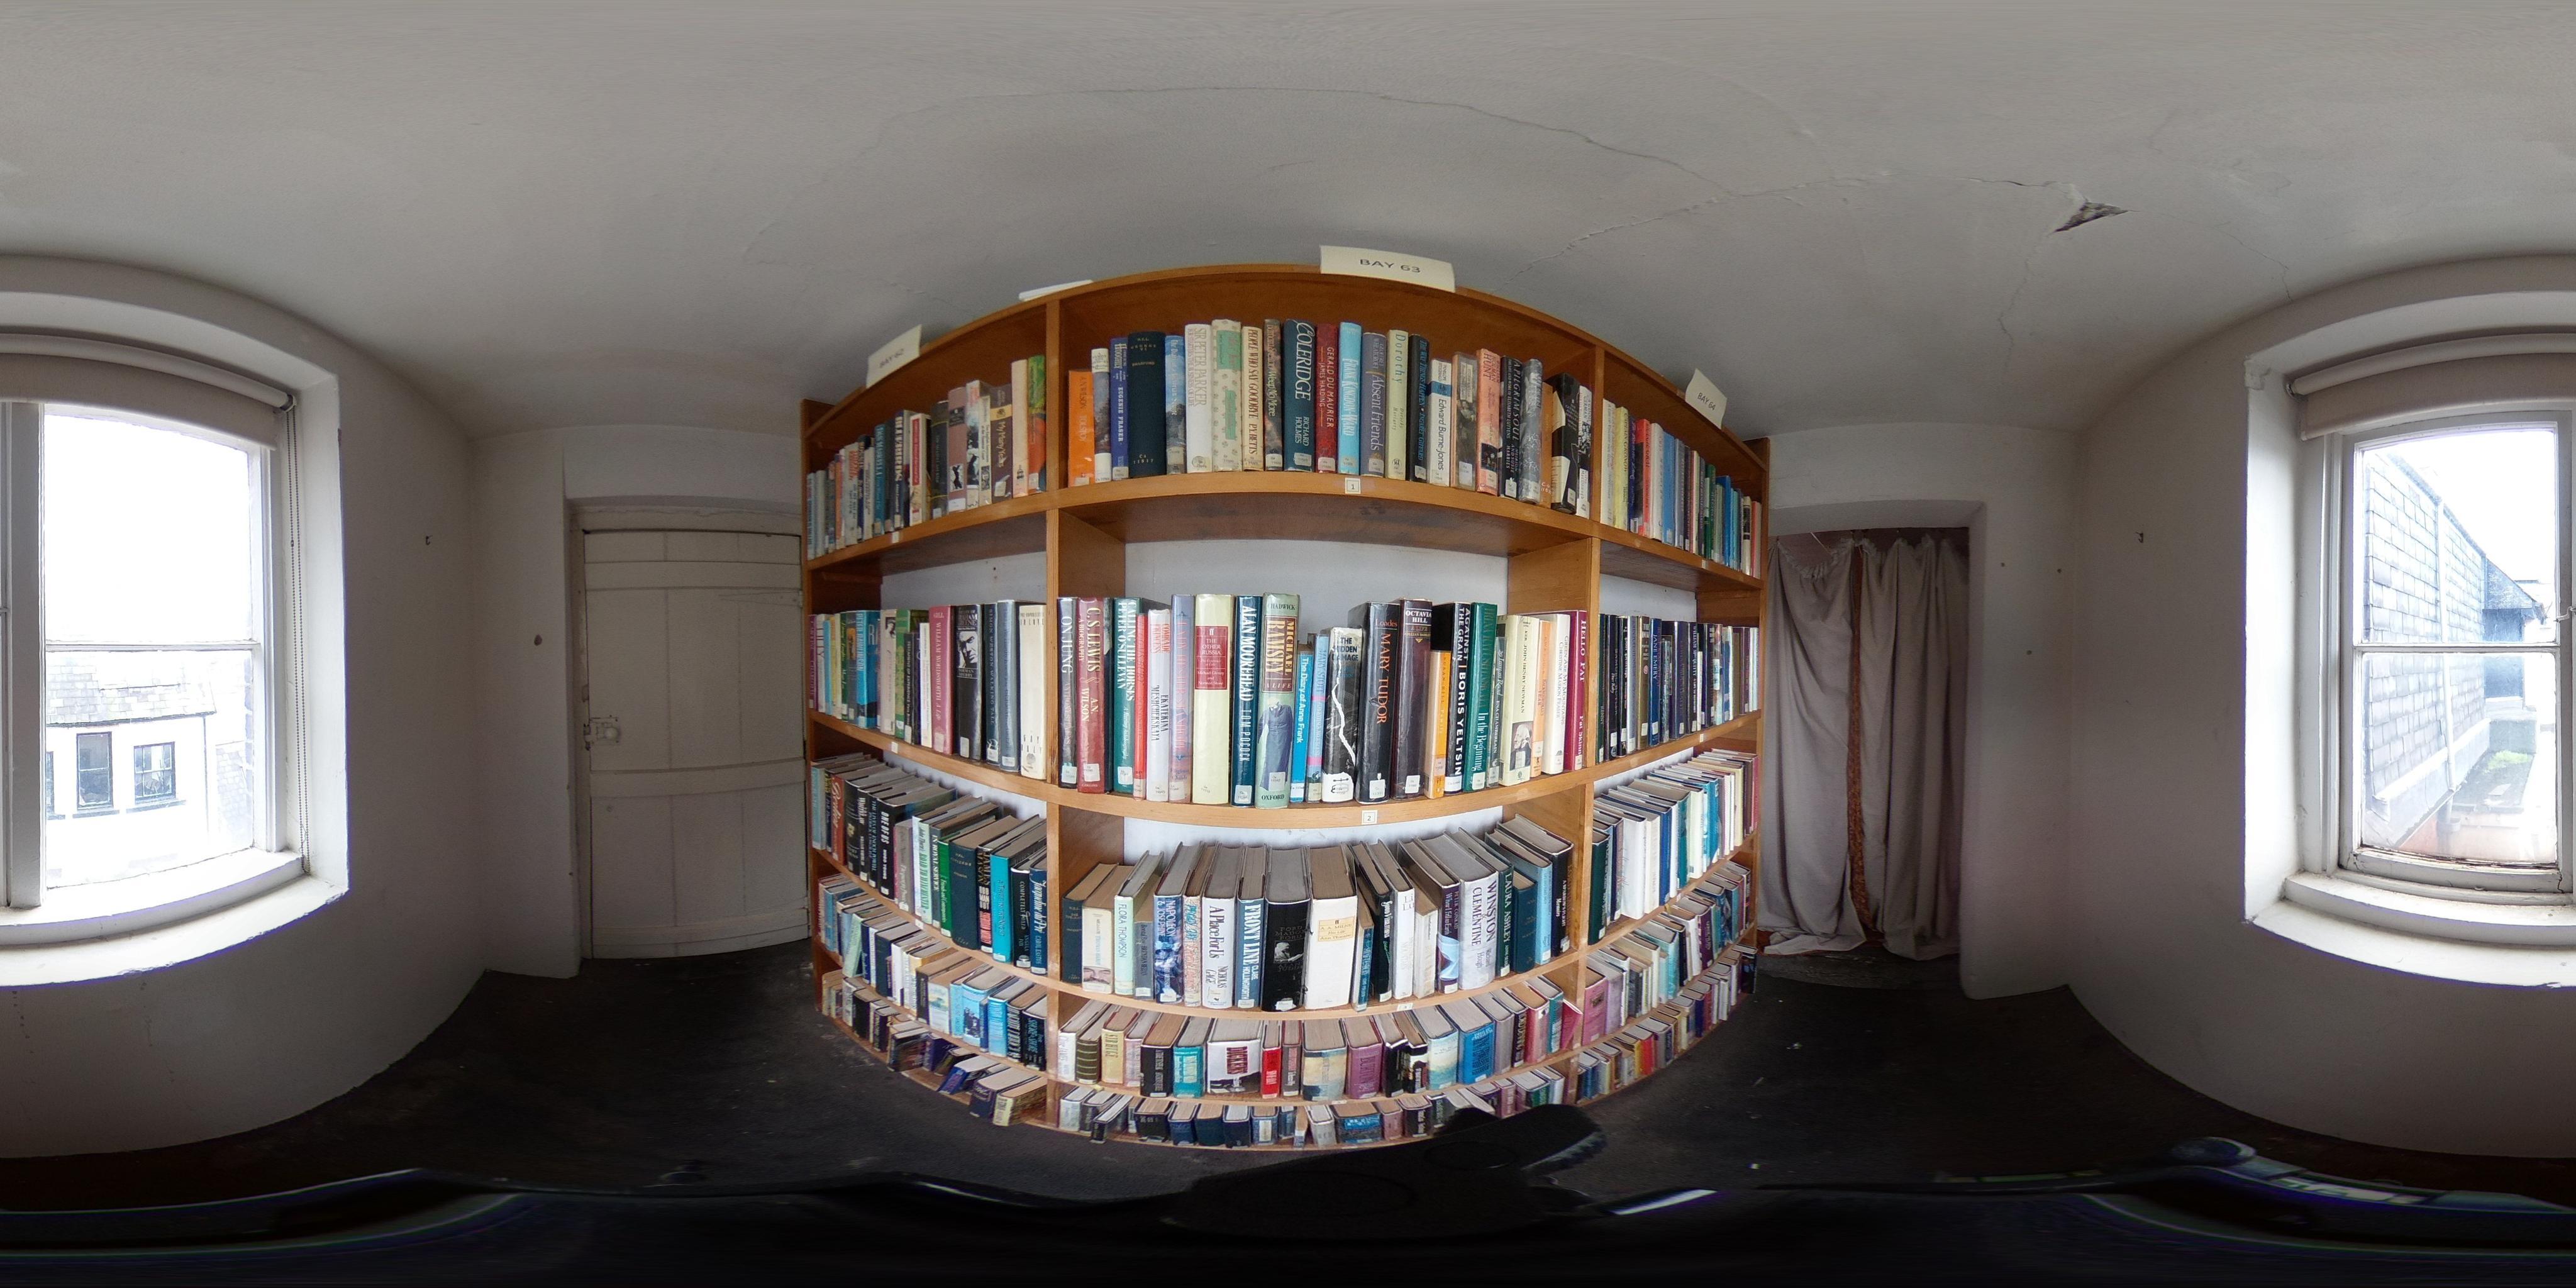 Take a virtual tour around the attics - Bromley House Library